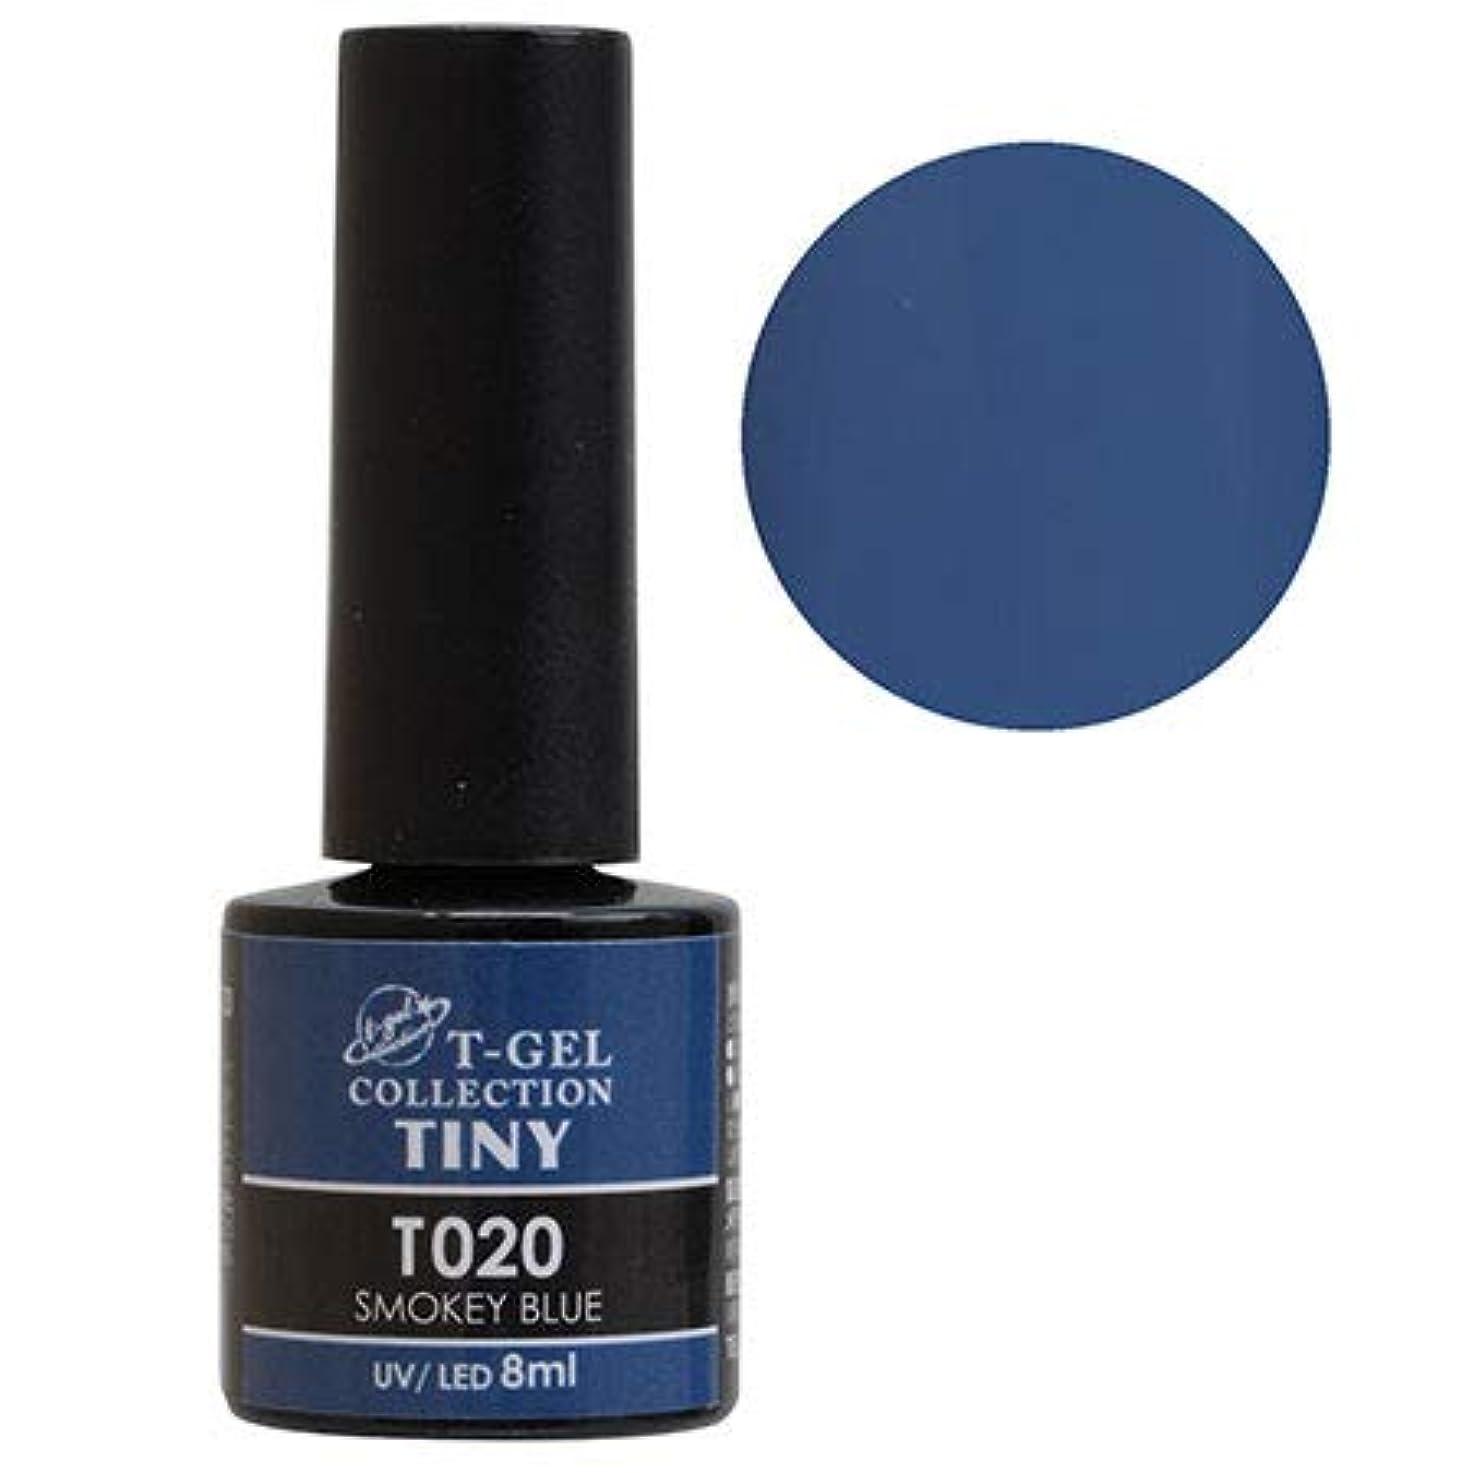 砂利商人安らぎT-GEL COLLECTION TINY T020 スモーキーブルー 8ml